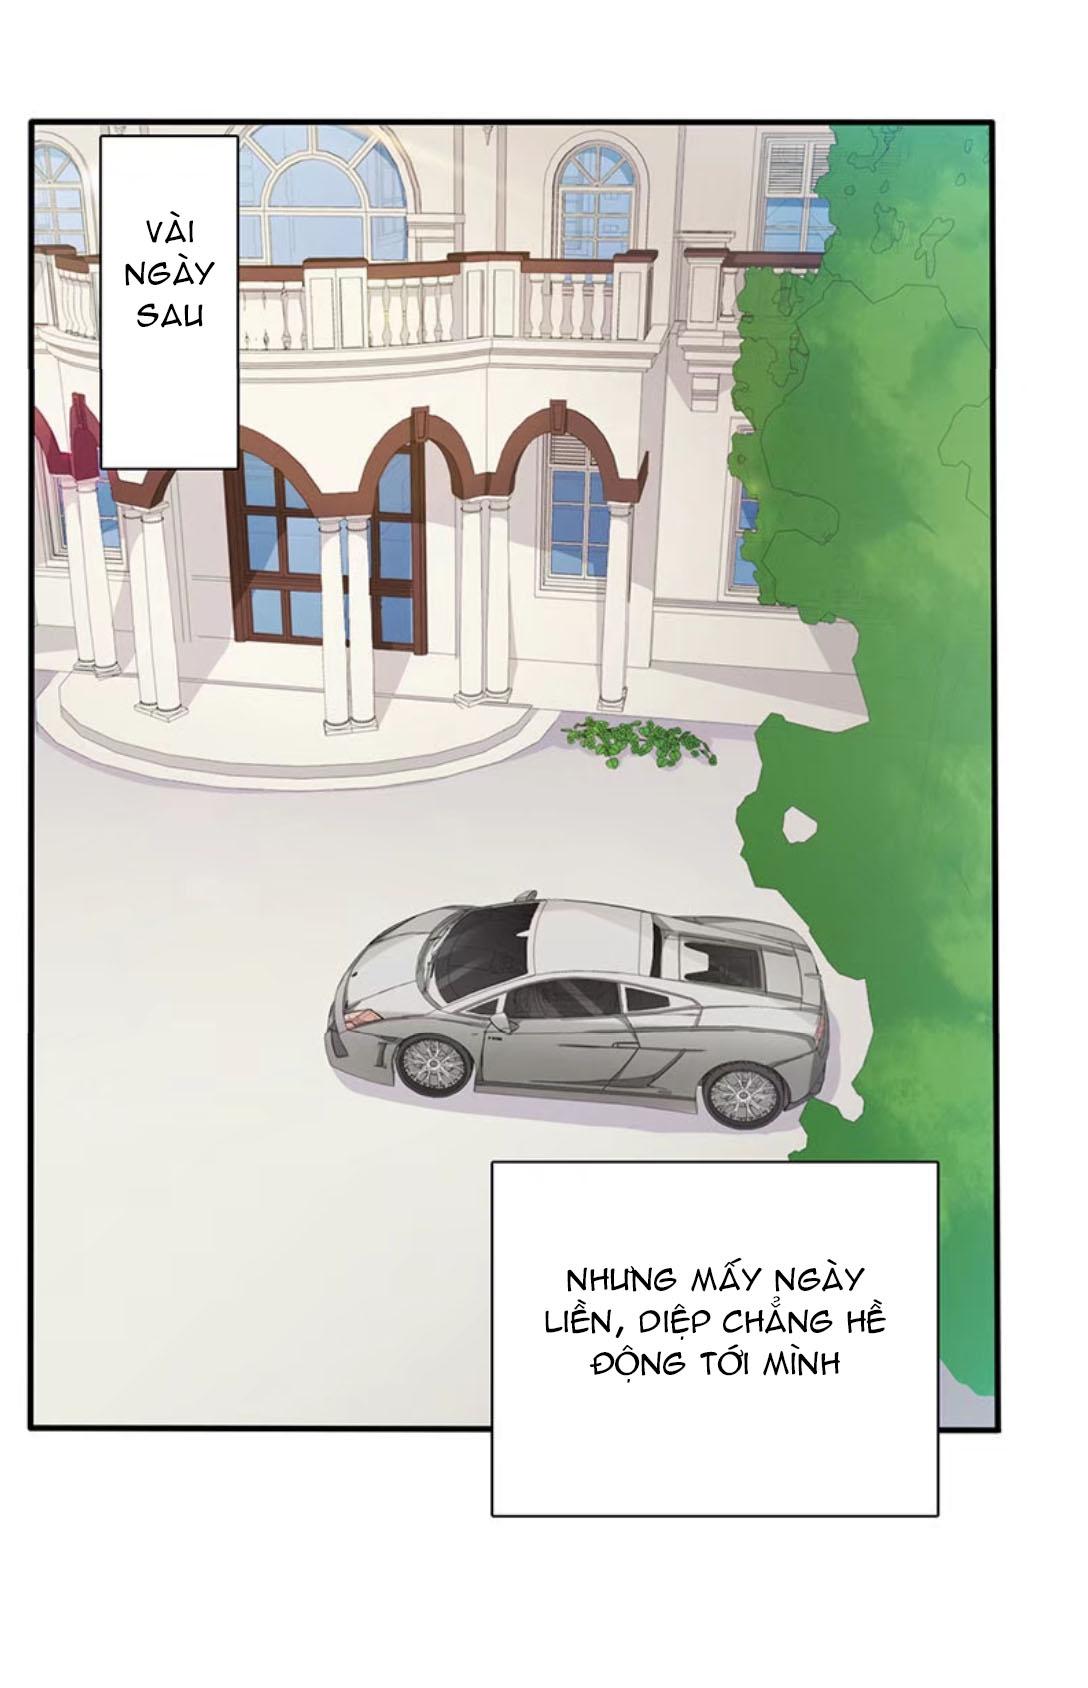 Cưng Chiều Vợ Cũ: Lão Bà Đại Nhân Thật Mê Người chap 104 - Trang 12